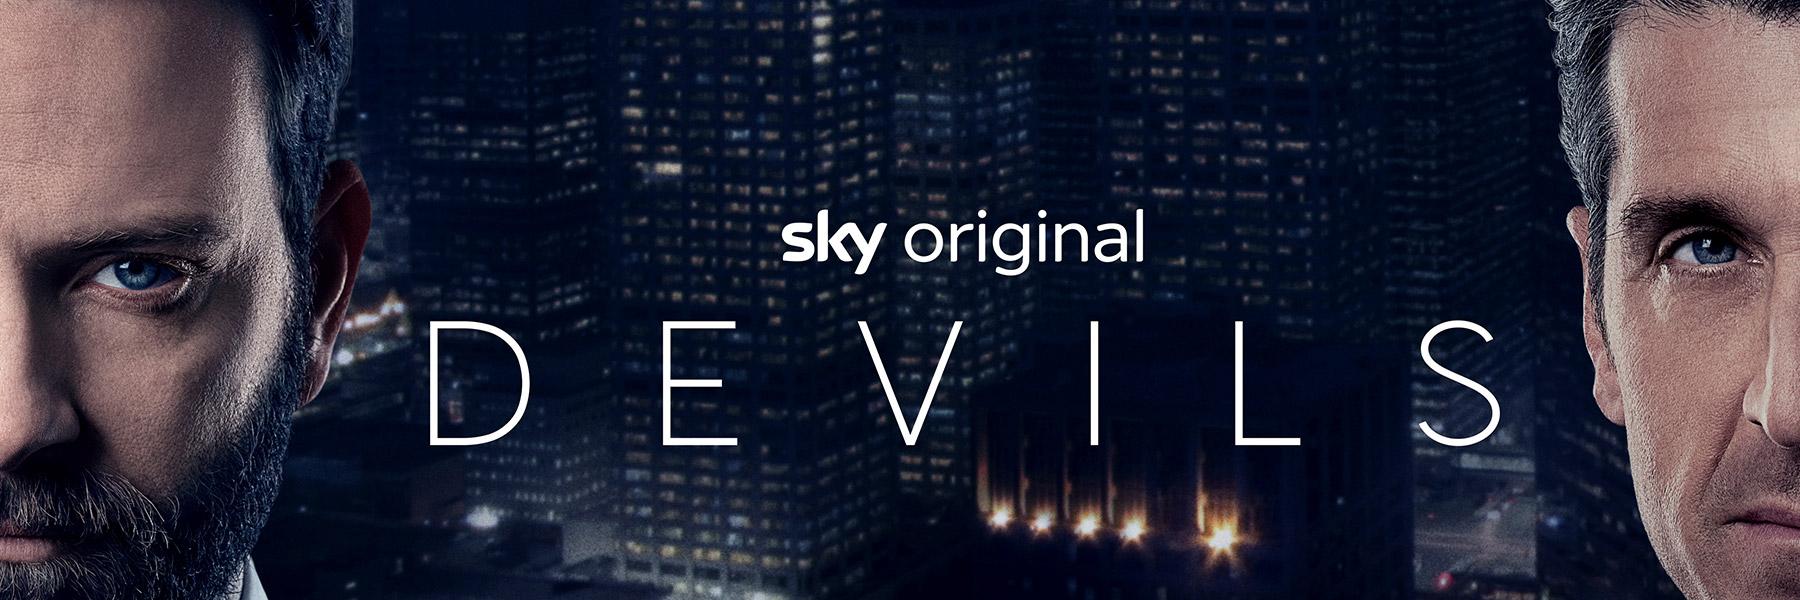 Sky X Devils